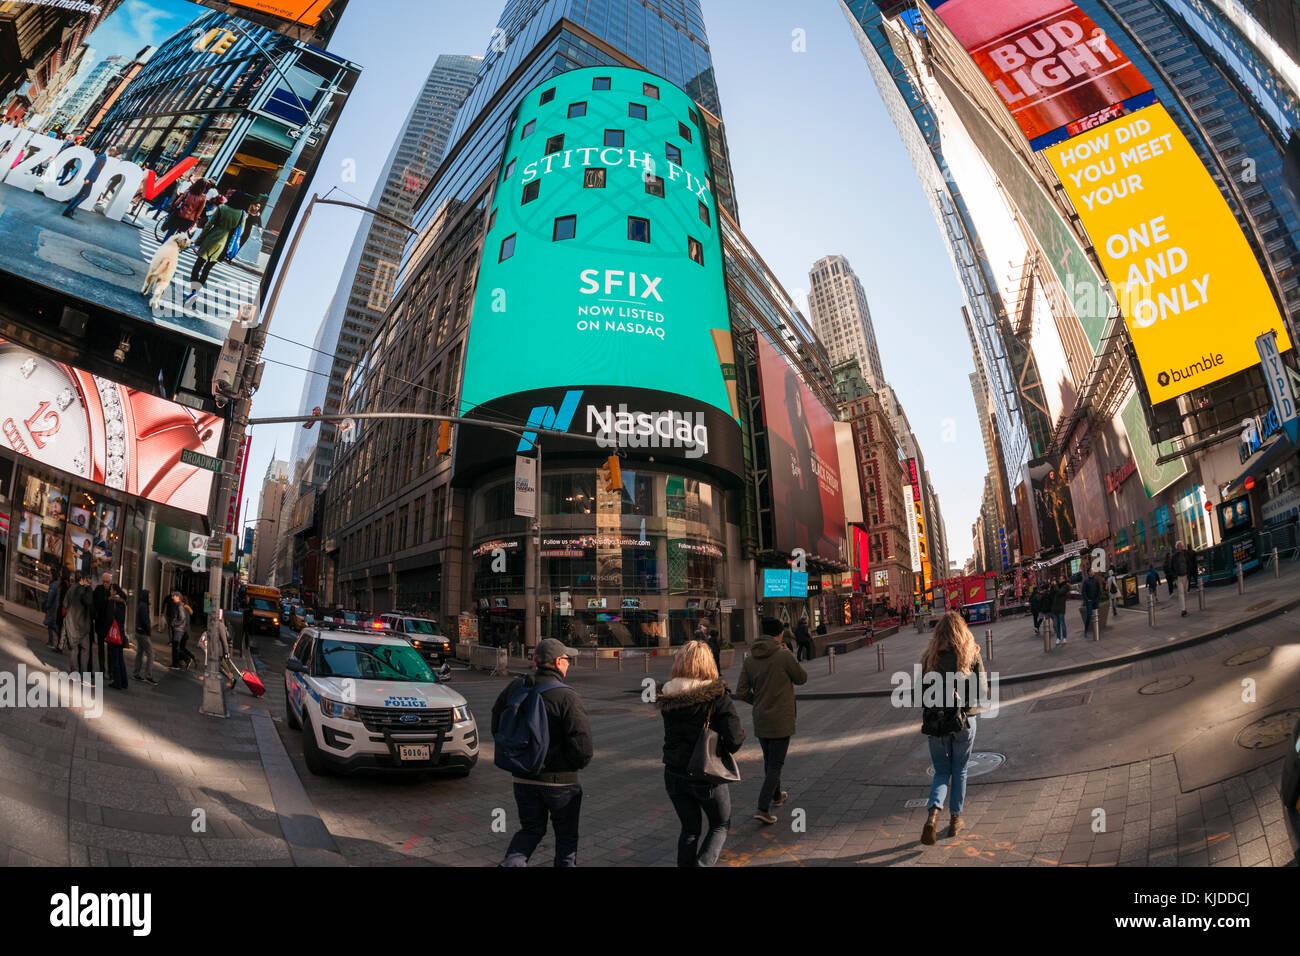 57f72d72b6 Lo schermo video della borsa americana NASDAQ di new york visualizza  pubblicità per il primo giorno di vendita del punto di cucitura fix offerta  pubblica ...